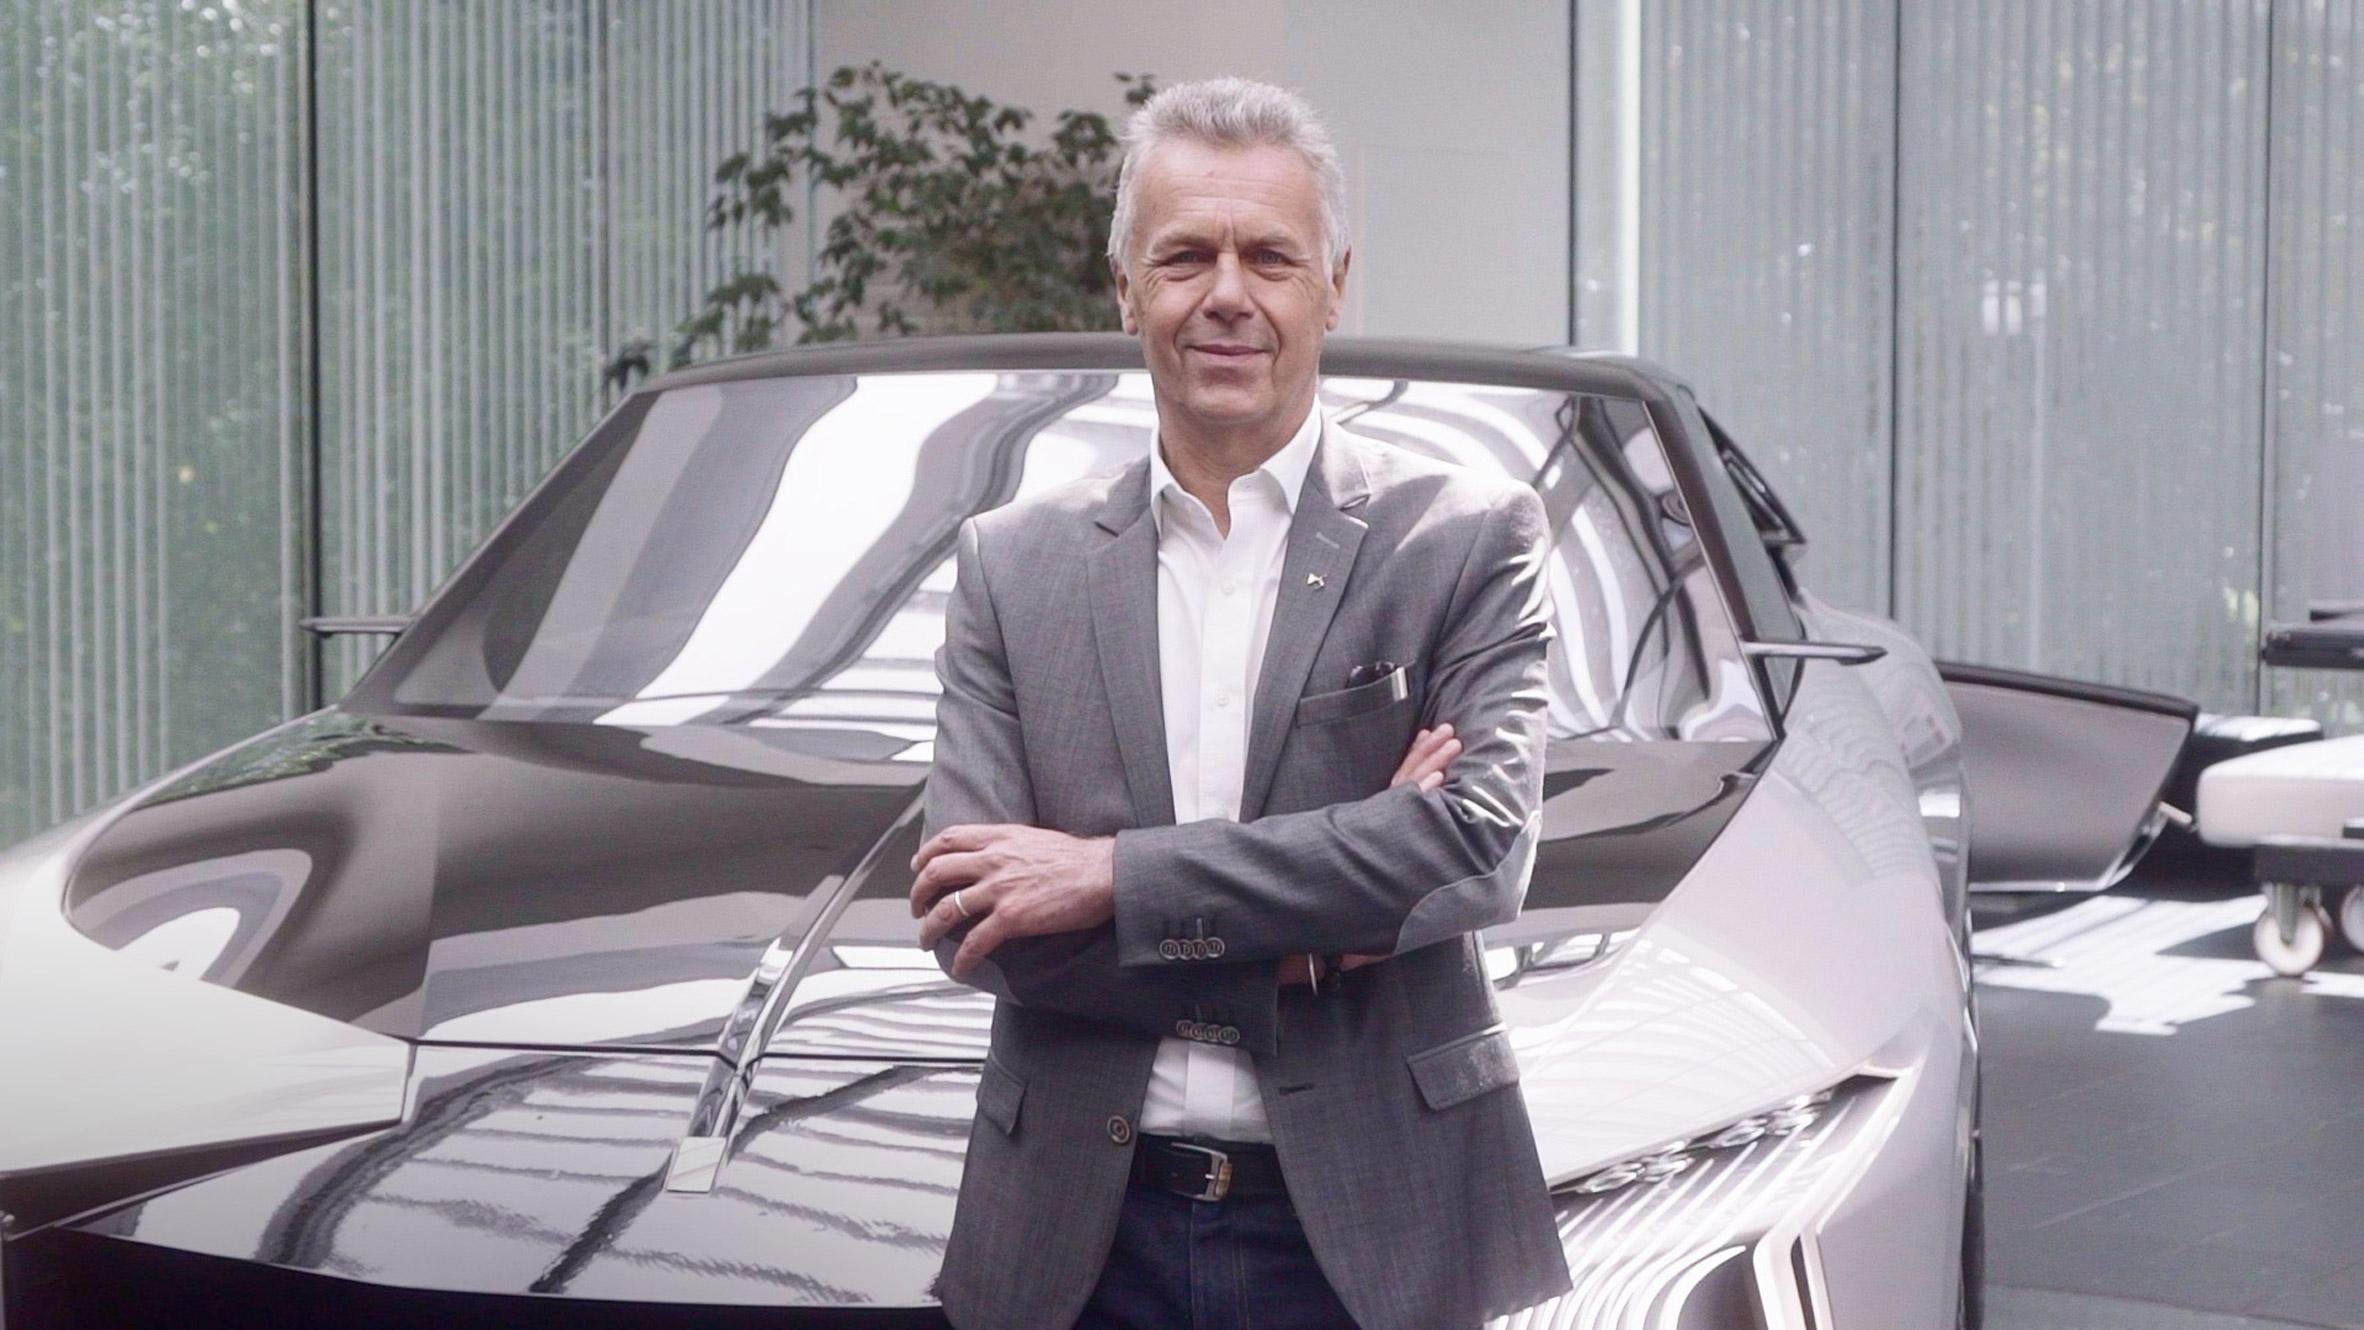 DS Automobiles design director Thierry Métroz